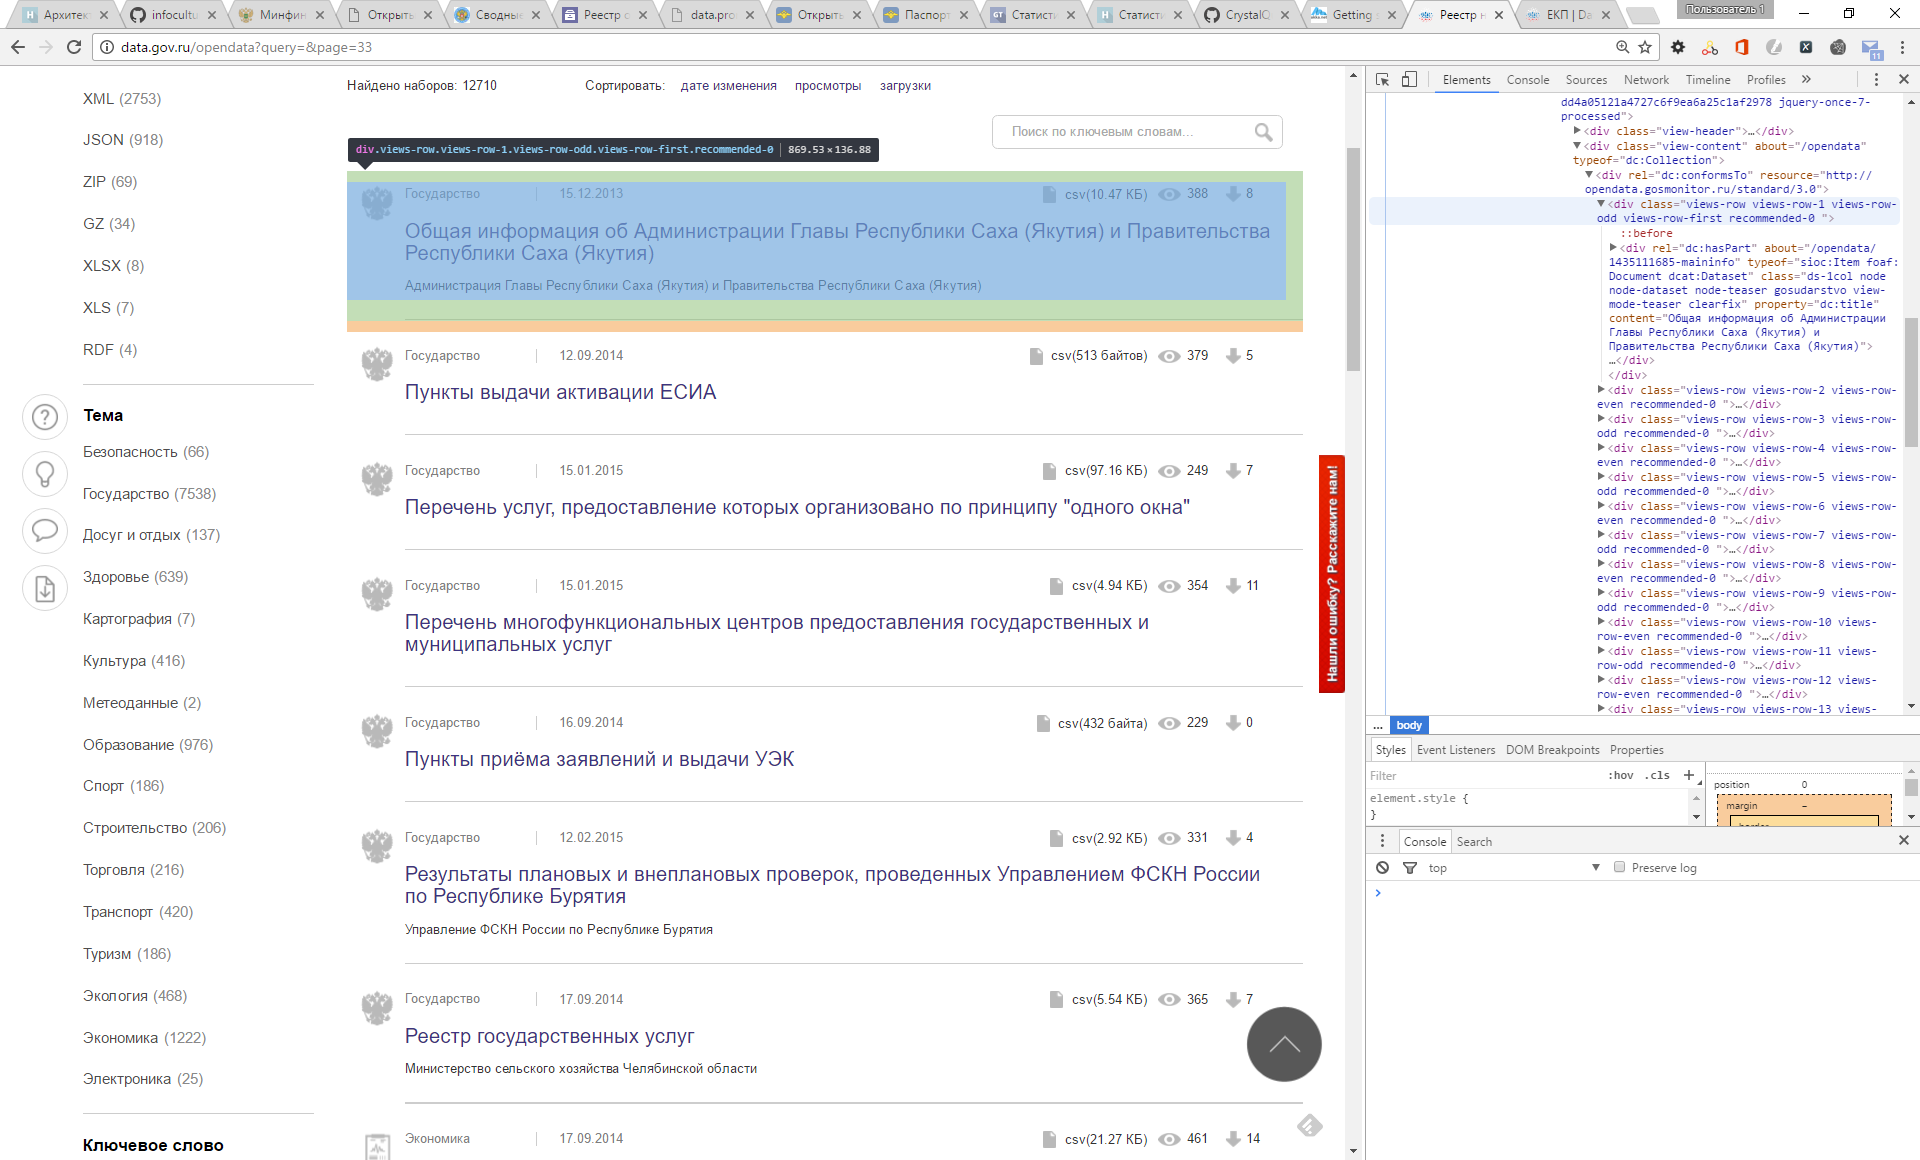 Разработка веб-скрапера для извлечения данных с портала открытых данных России data.gov.ru - 4